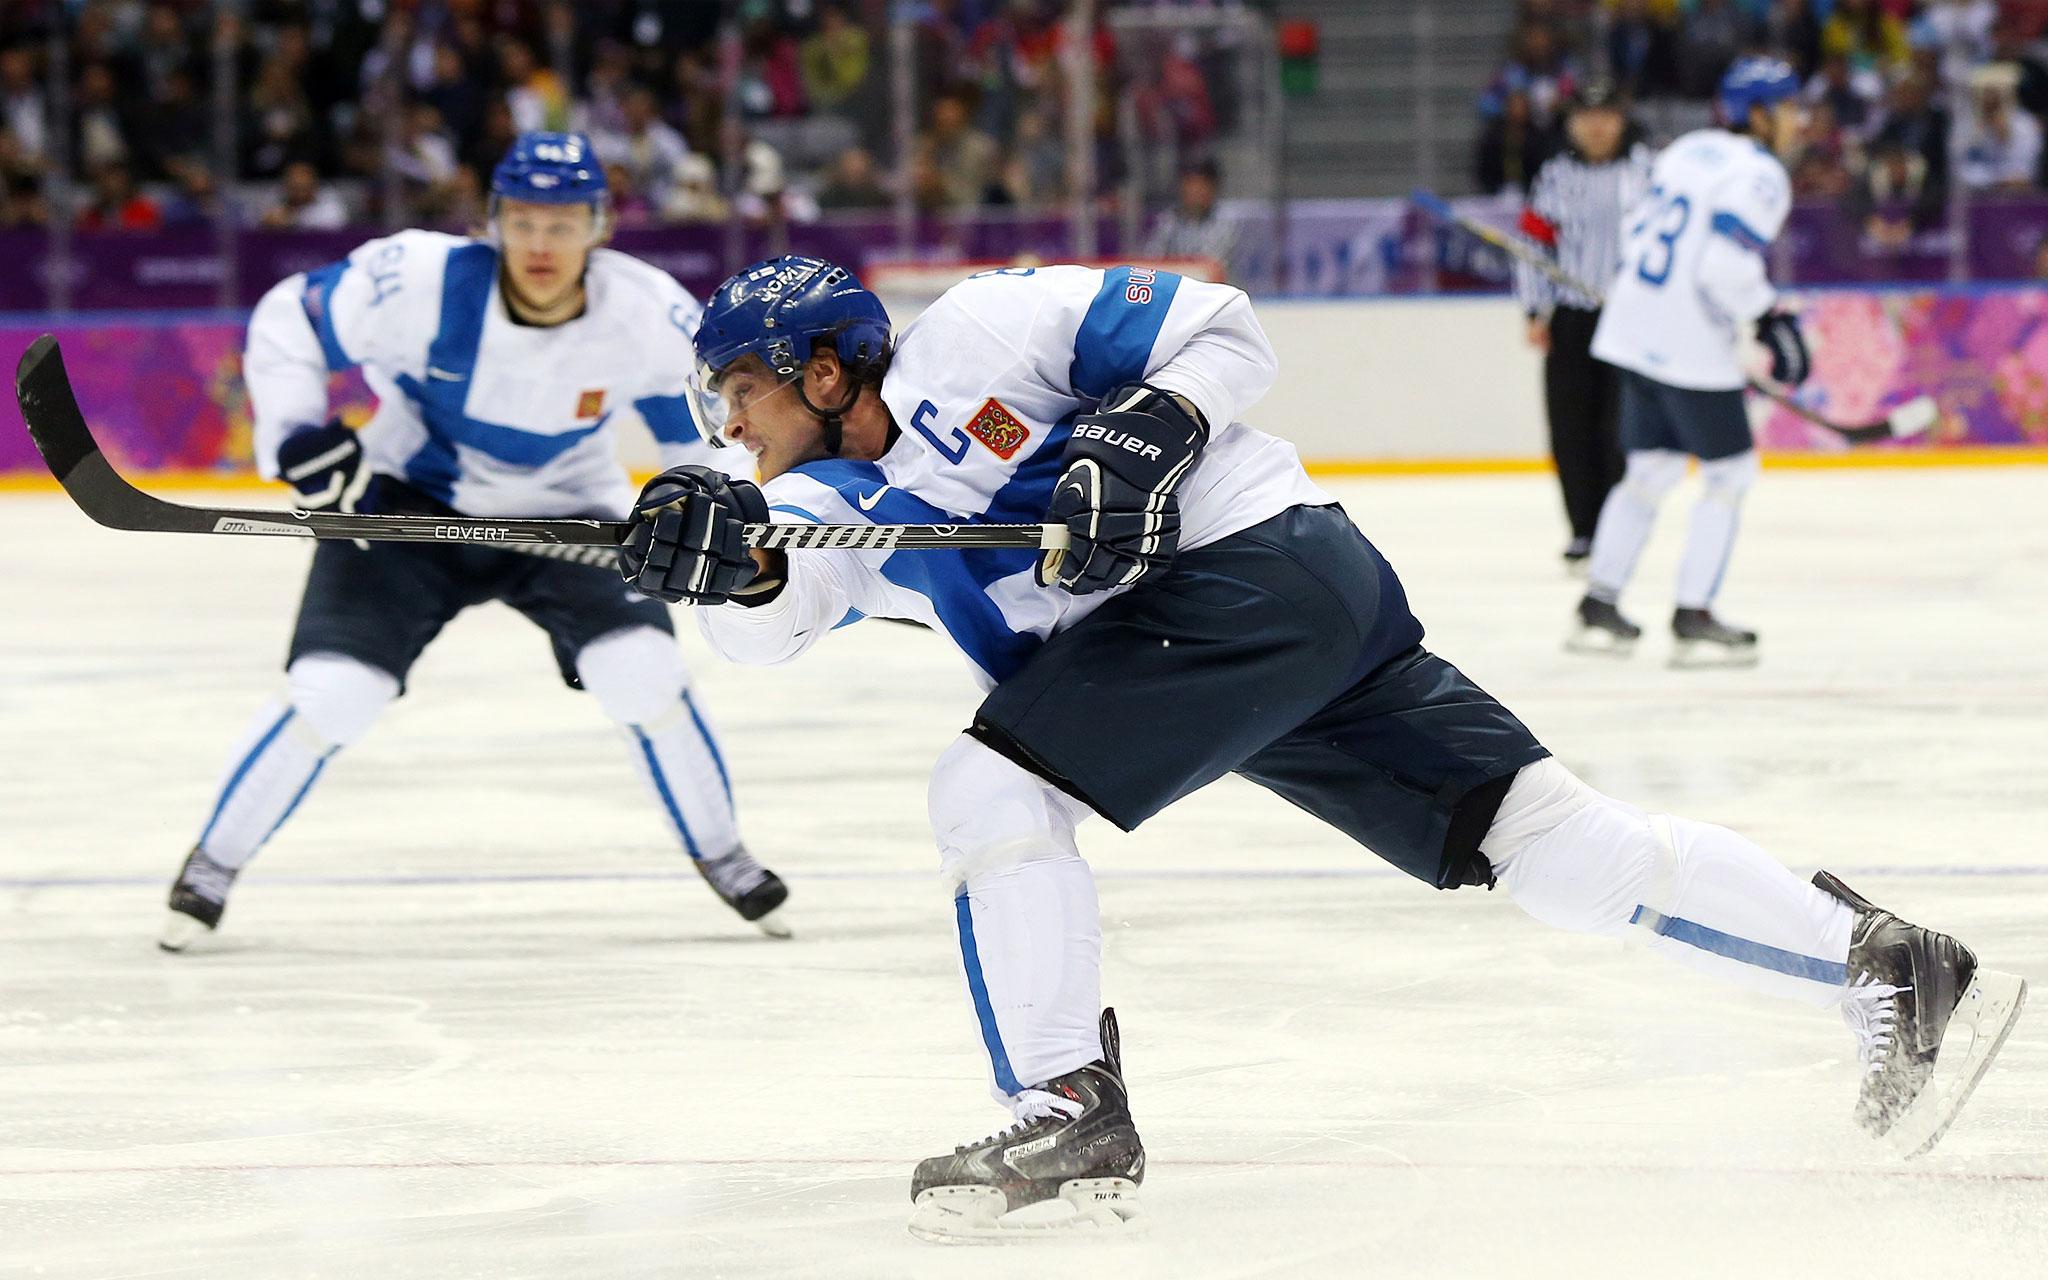 Men's Hockey - Bronze-Medal Game